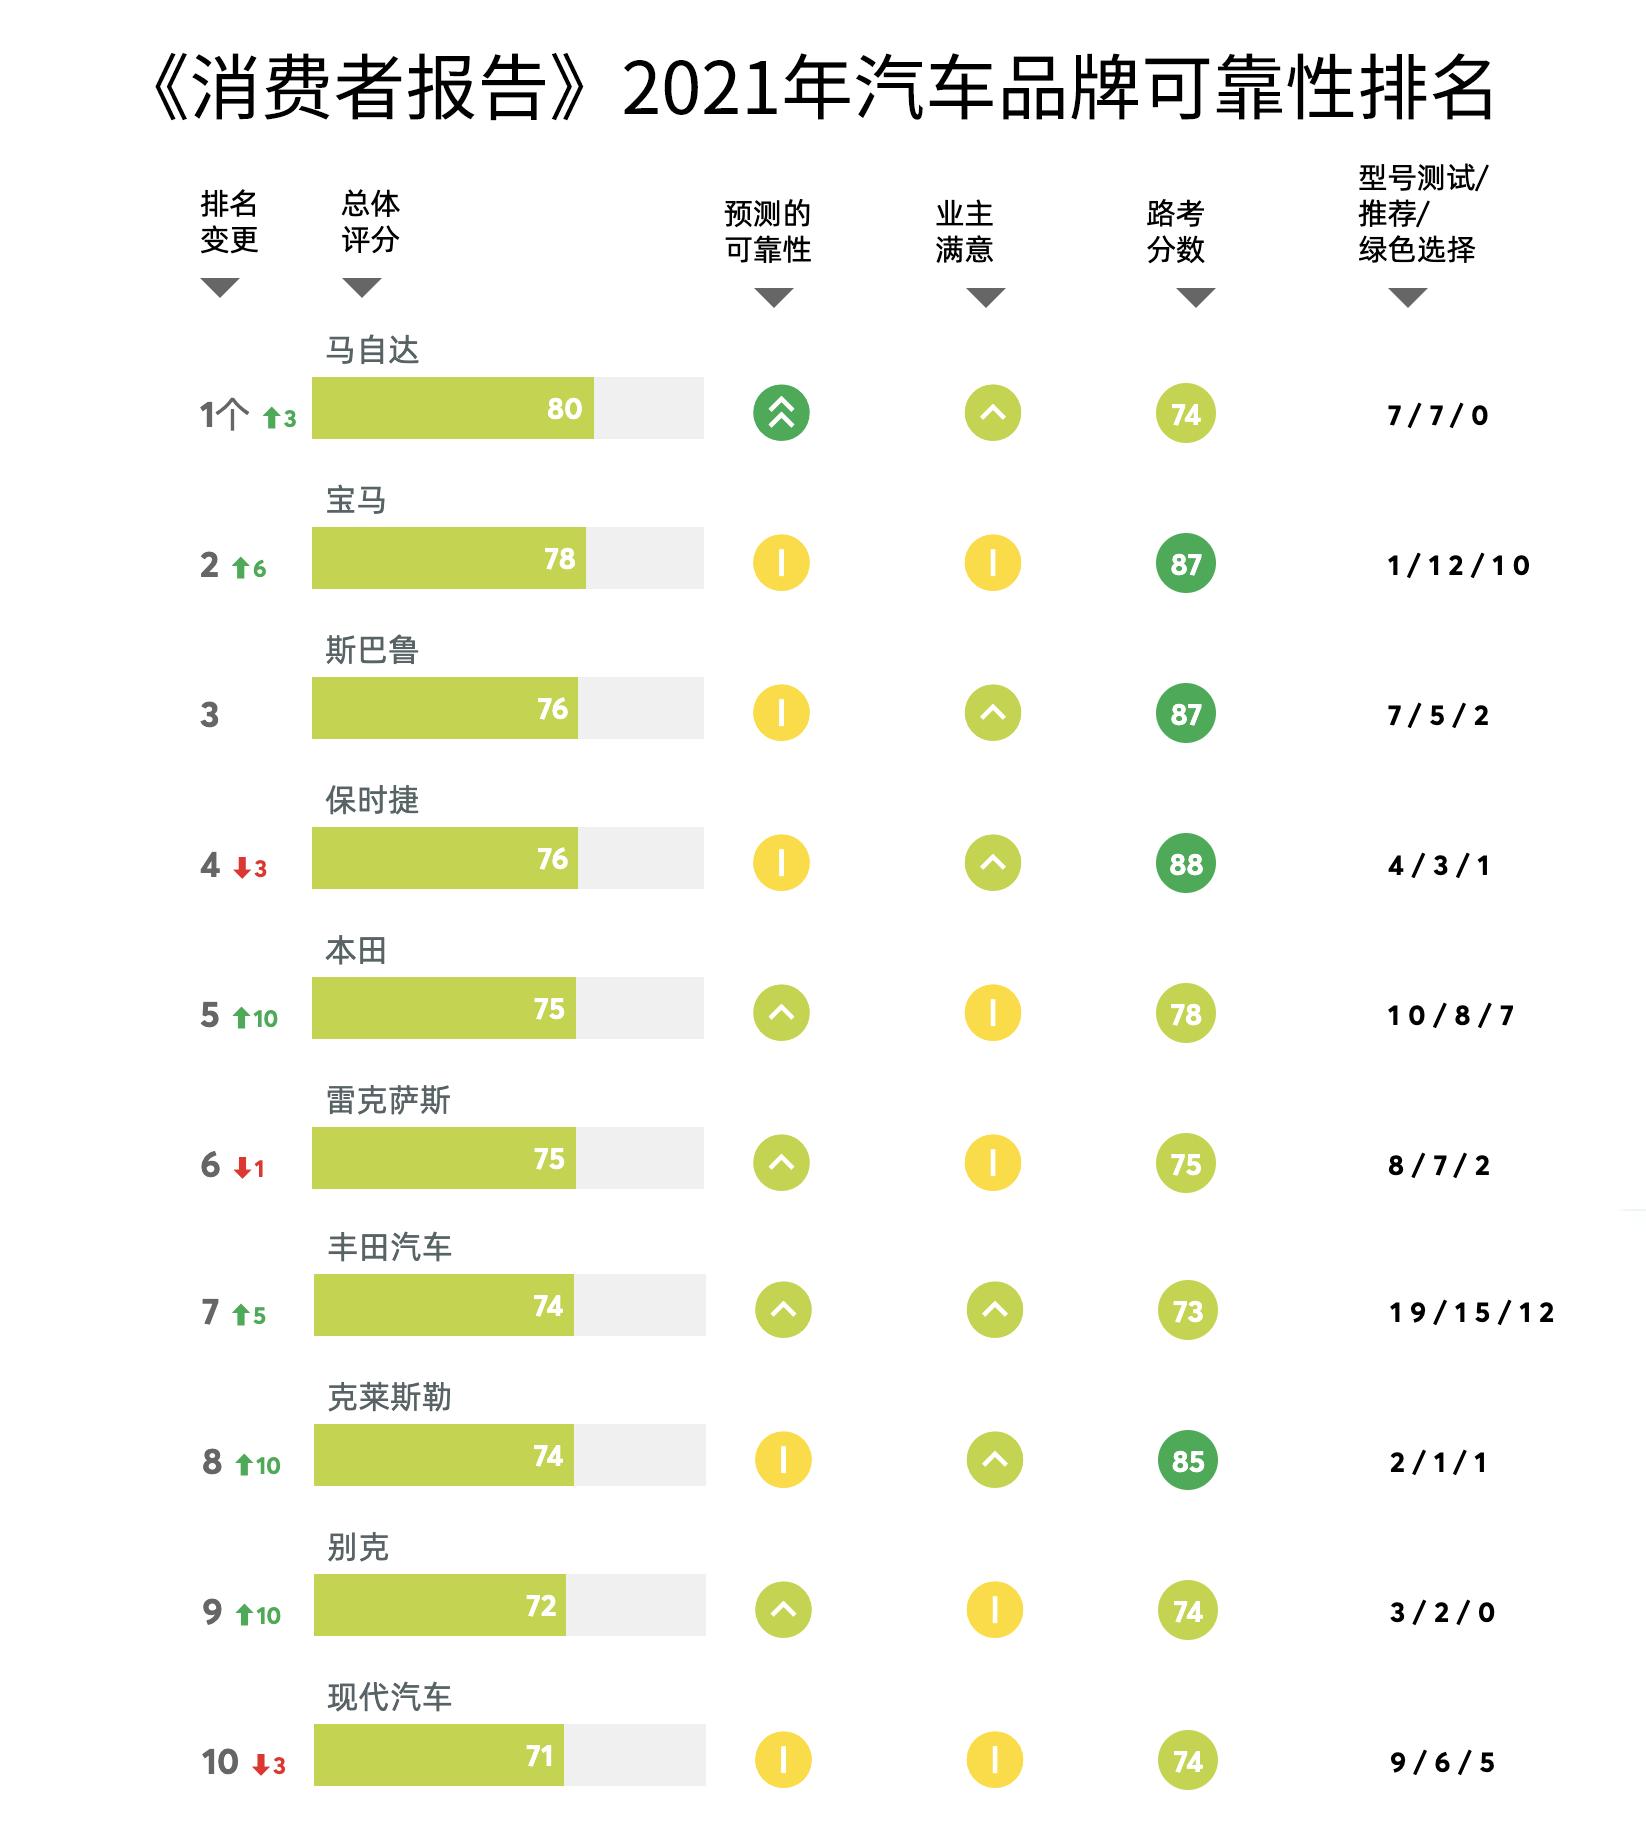 2021年《消费者报告》出炉,马自达可靠性超越雷克萨斯排名第一